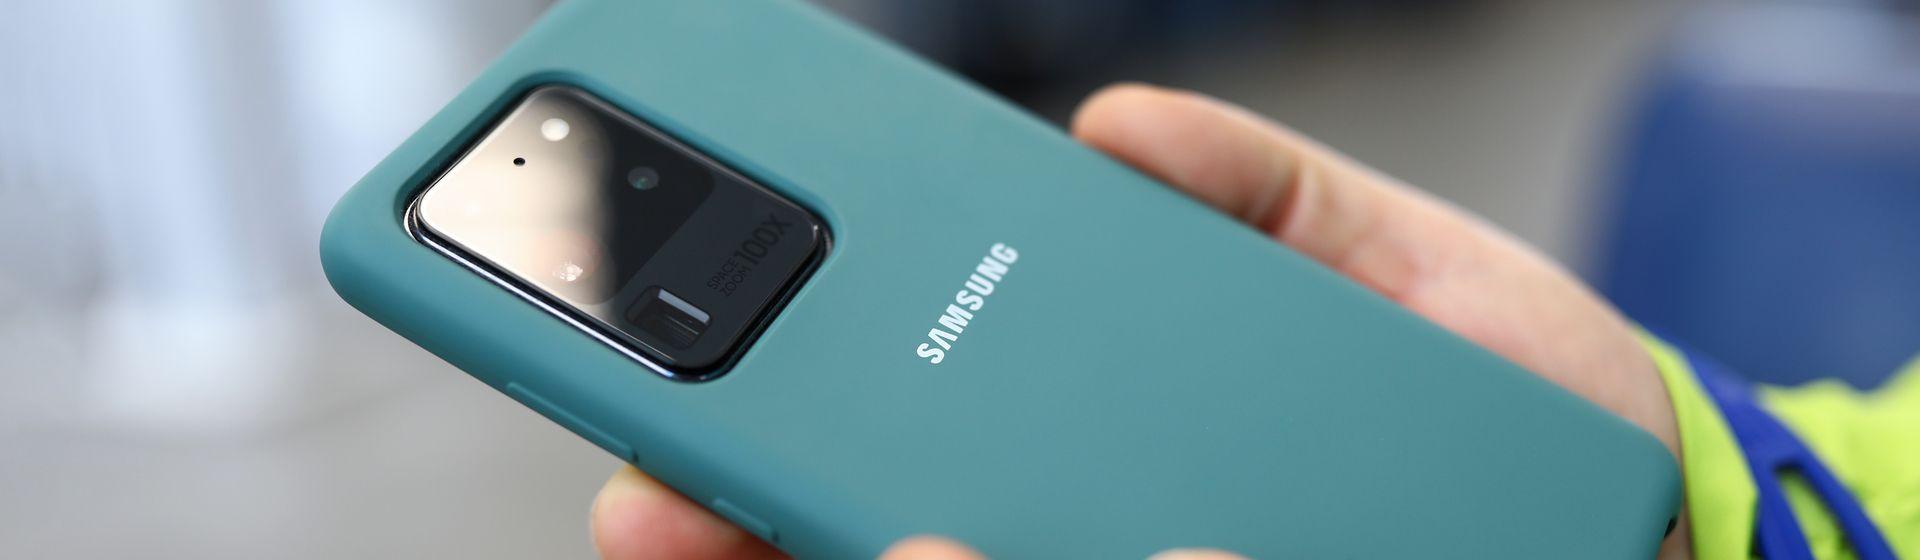 Galaxy S21 será vendido sem fone e carregador na caixa, mostra Anatel